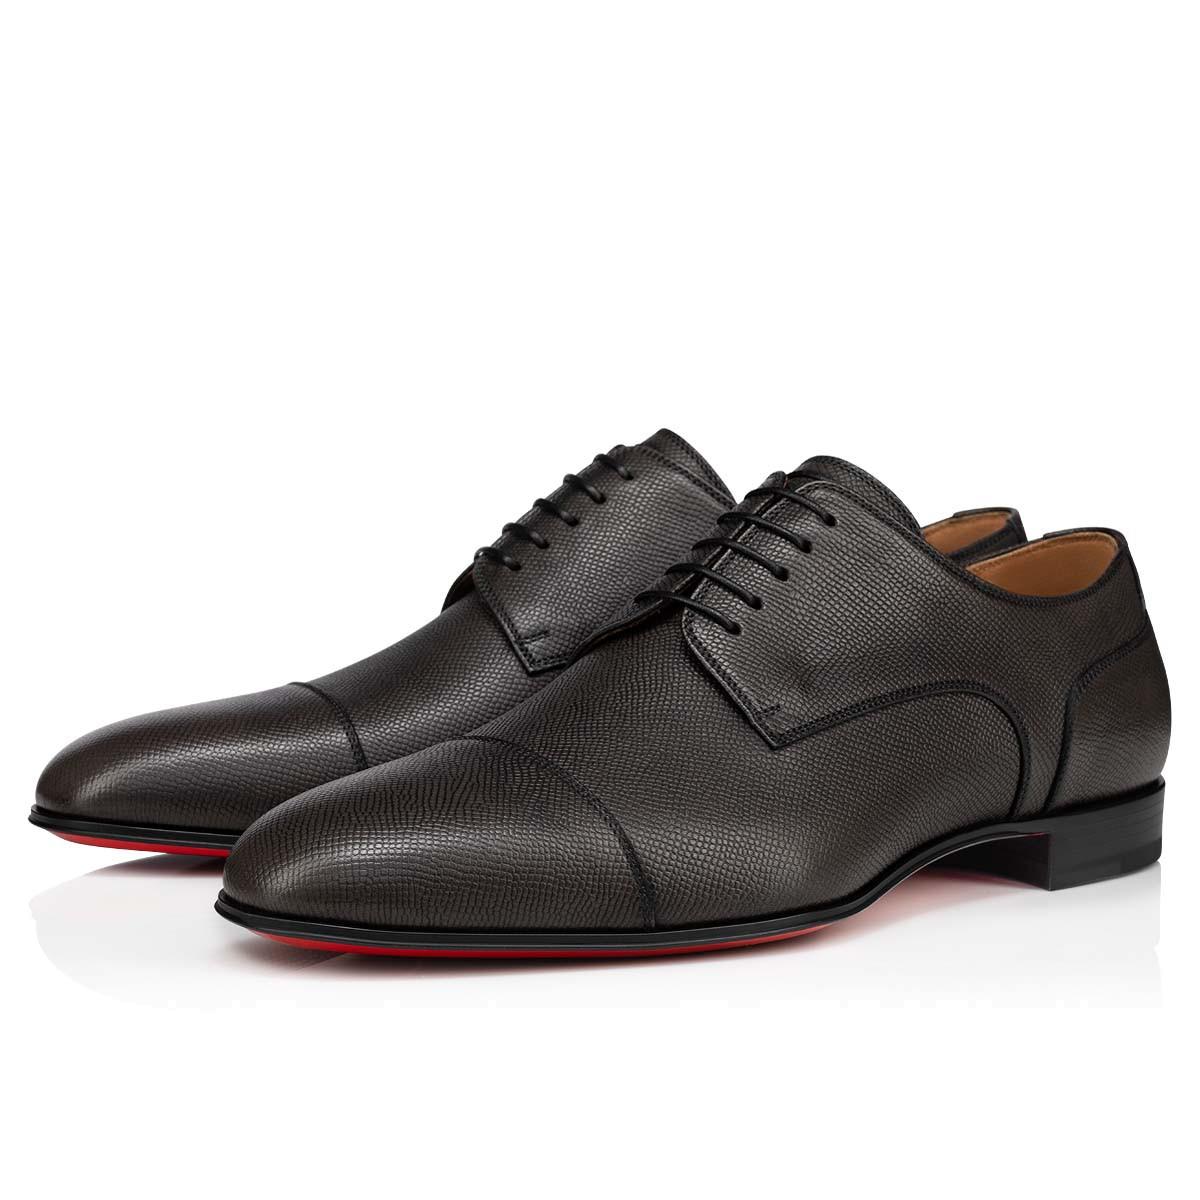 鞋履 - Surcity - Christian Louboutin